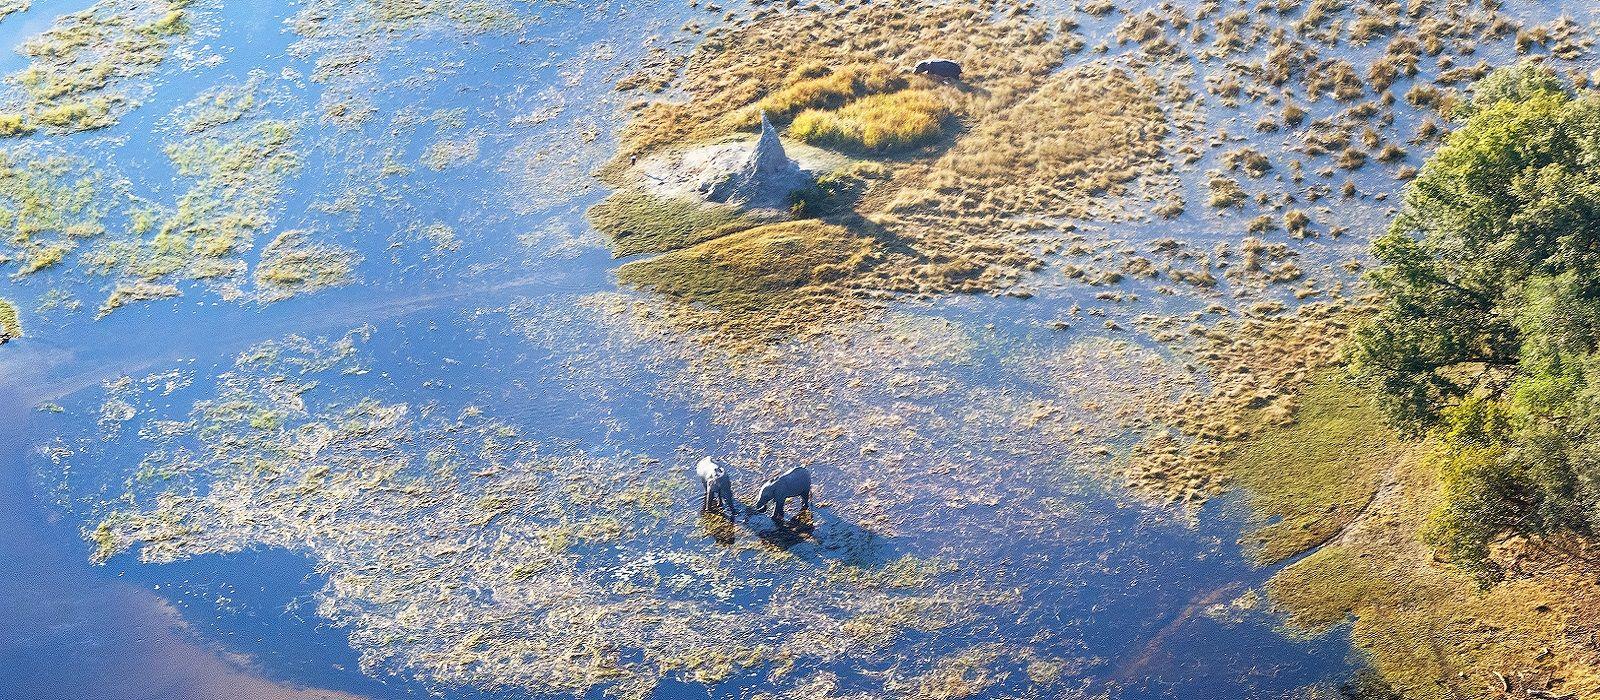 Klassische Safari Reise: Simbabwe & Botswana Urlaub 4